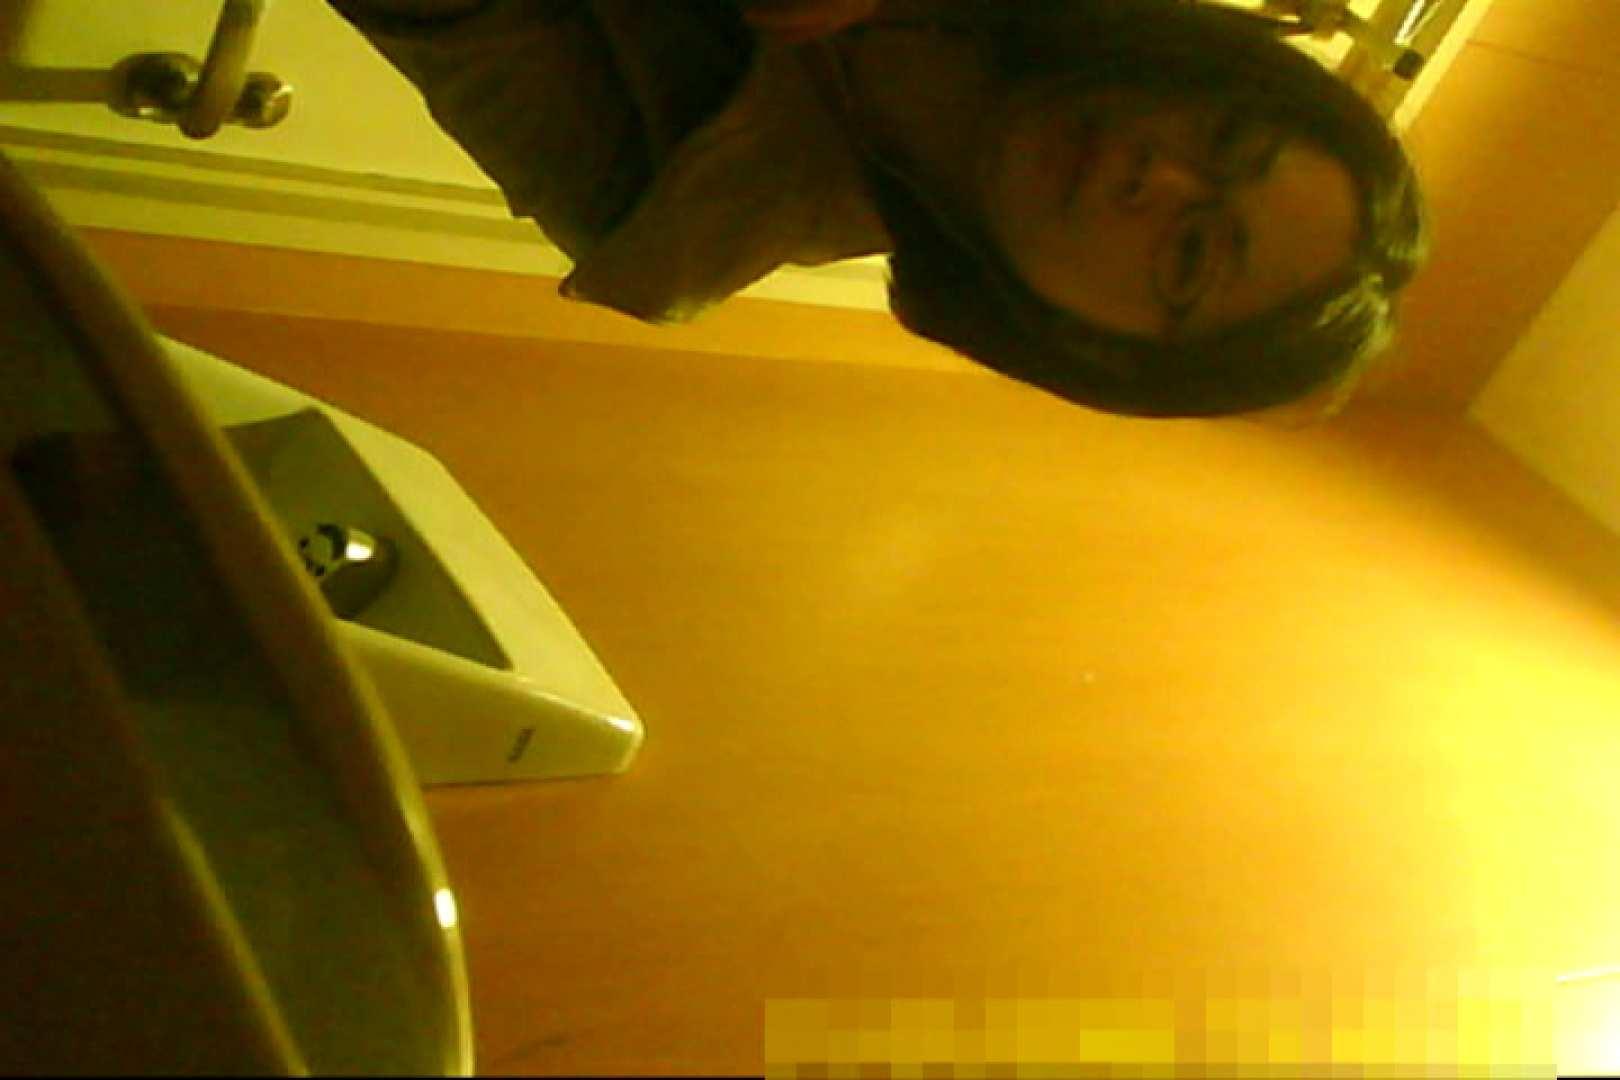 魅惑の化粧室~禁断のプライベート空間~29 プライベート | 盗撮師作品  87pic 37